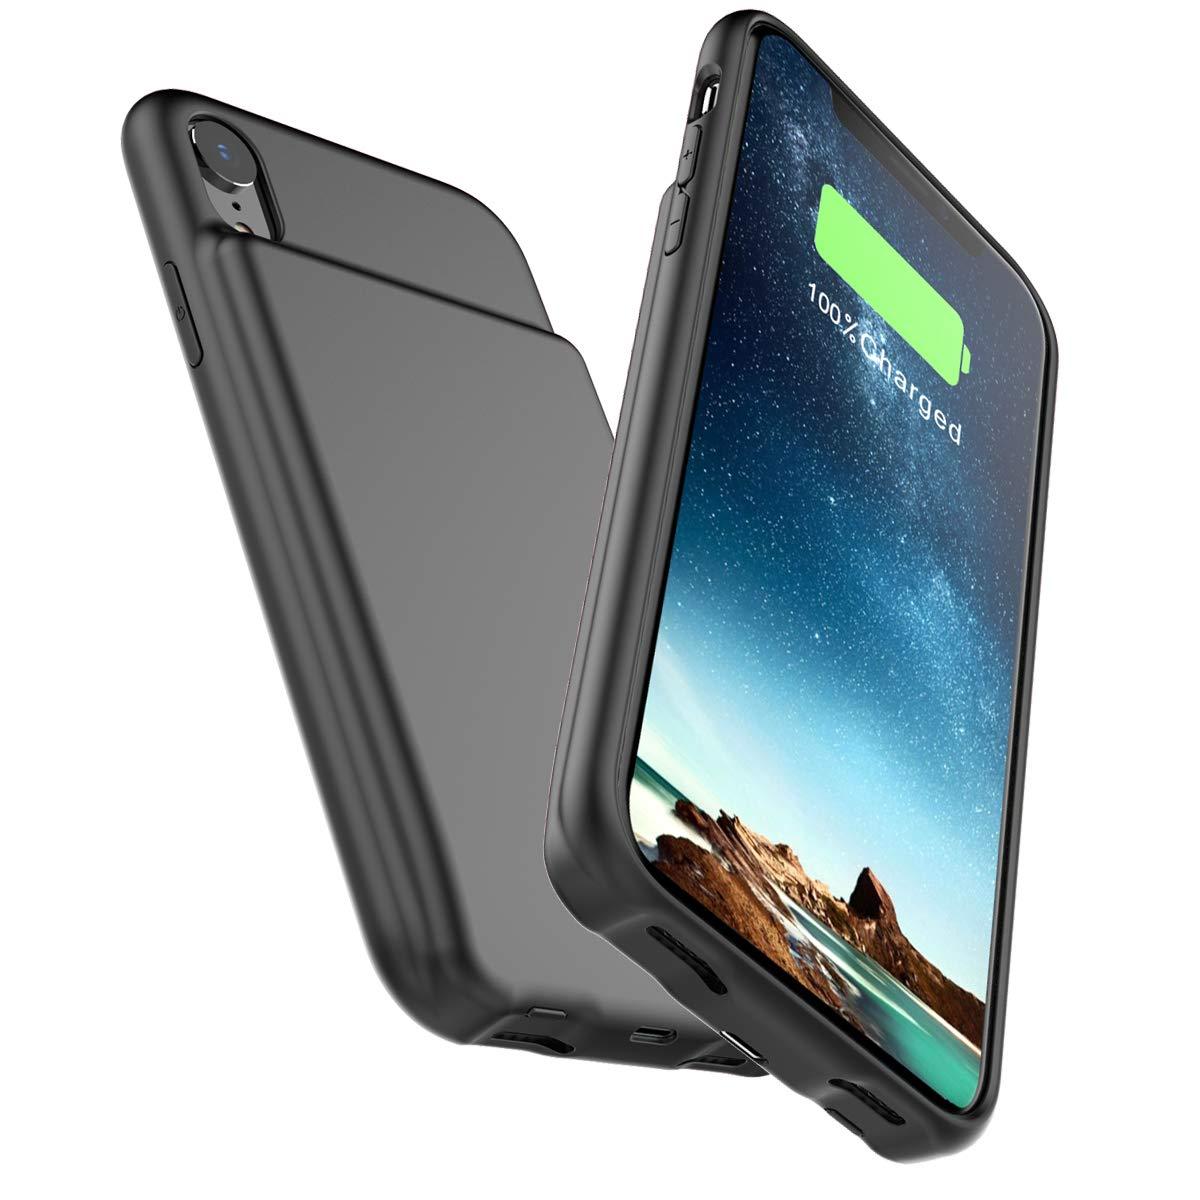 4b05c1b229d Rojo HMQJ-4B-929 Happon Funda Bateria iPhone XR 5000mAh Baterí a Cargador  Externa Ultra Carcasa Baterí a Recargable Power Bank Portatil para ...